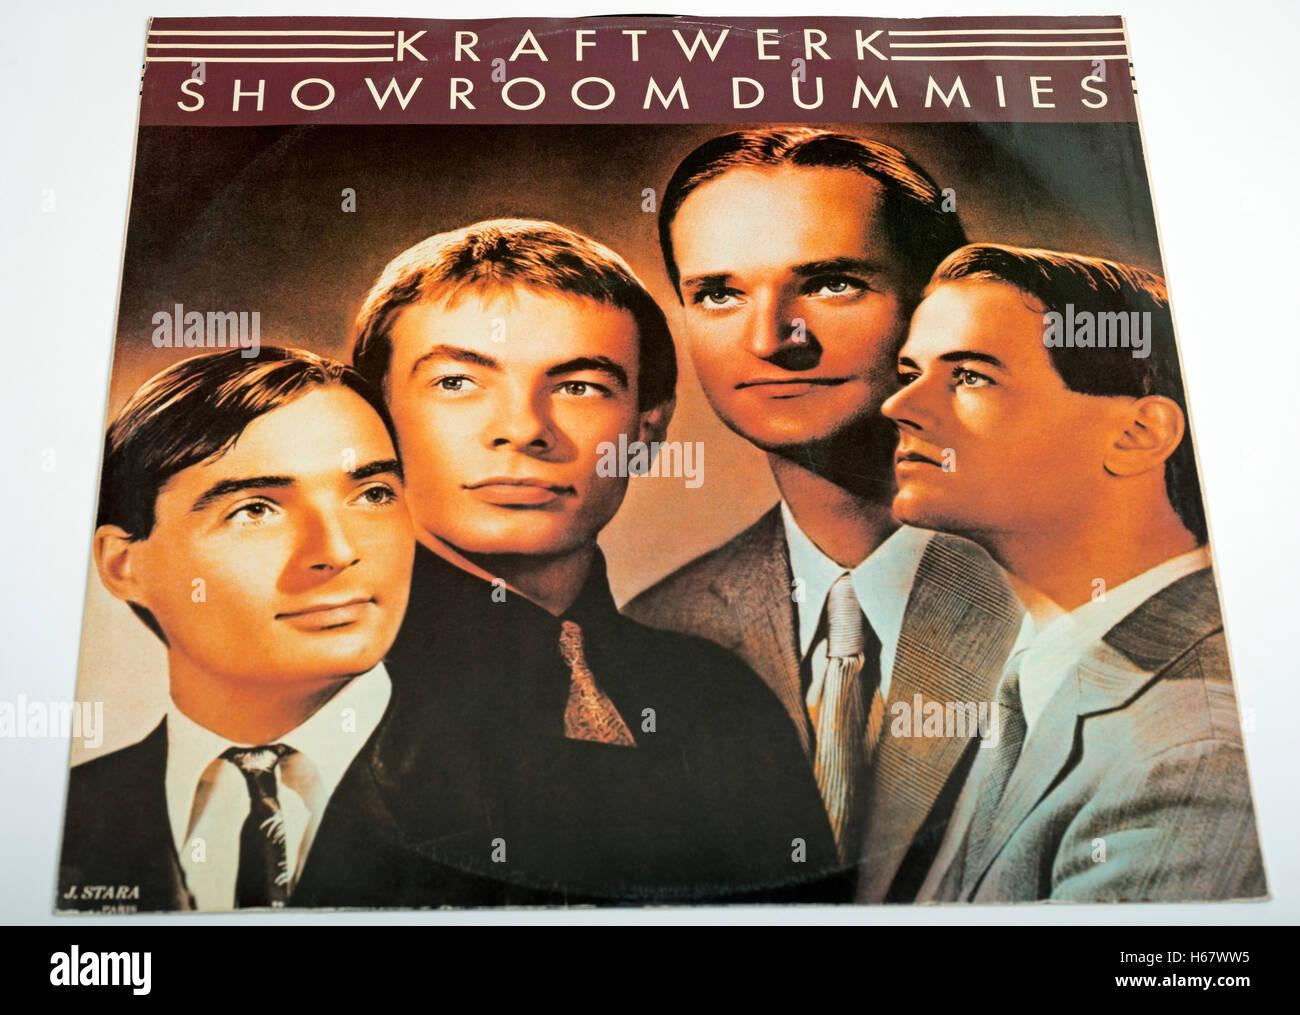 Showroom Dummies 12 inch single by German electro pop band Kraftwerk Stock Photo